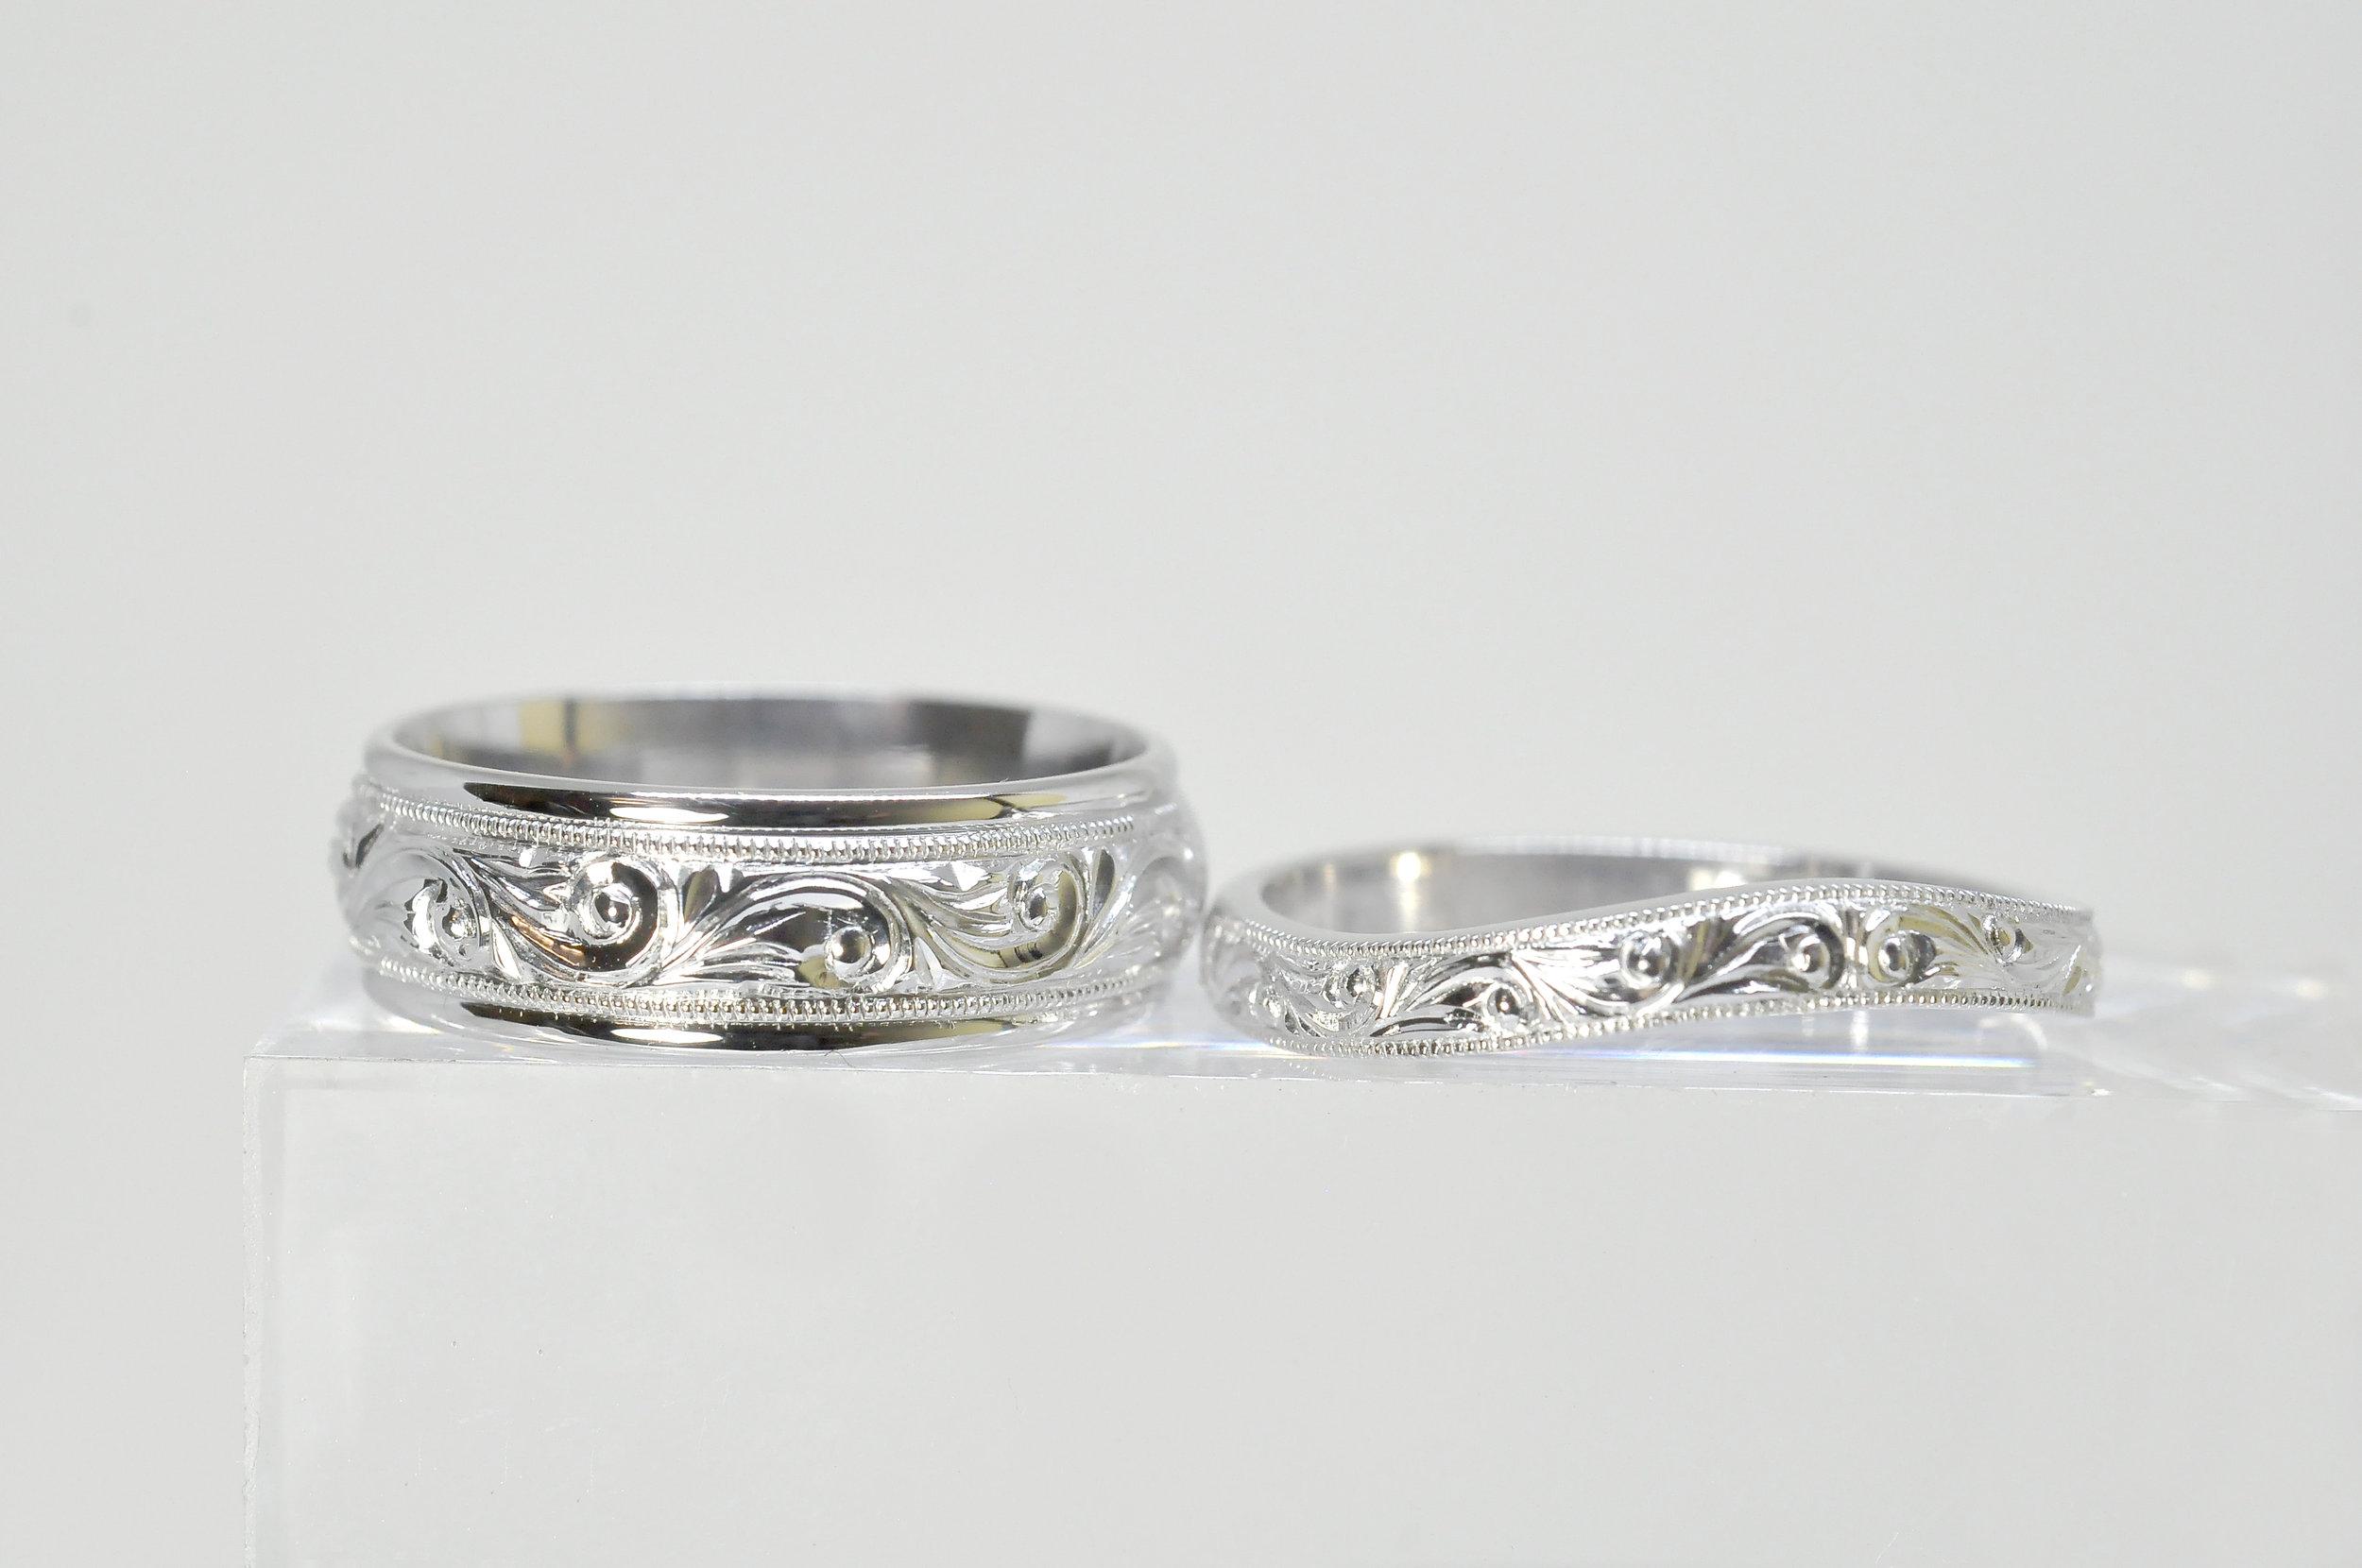 Hand Engraved Wedding Rings.jpg